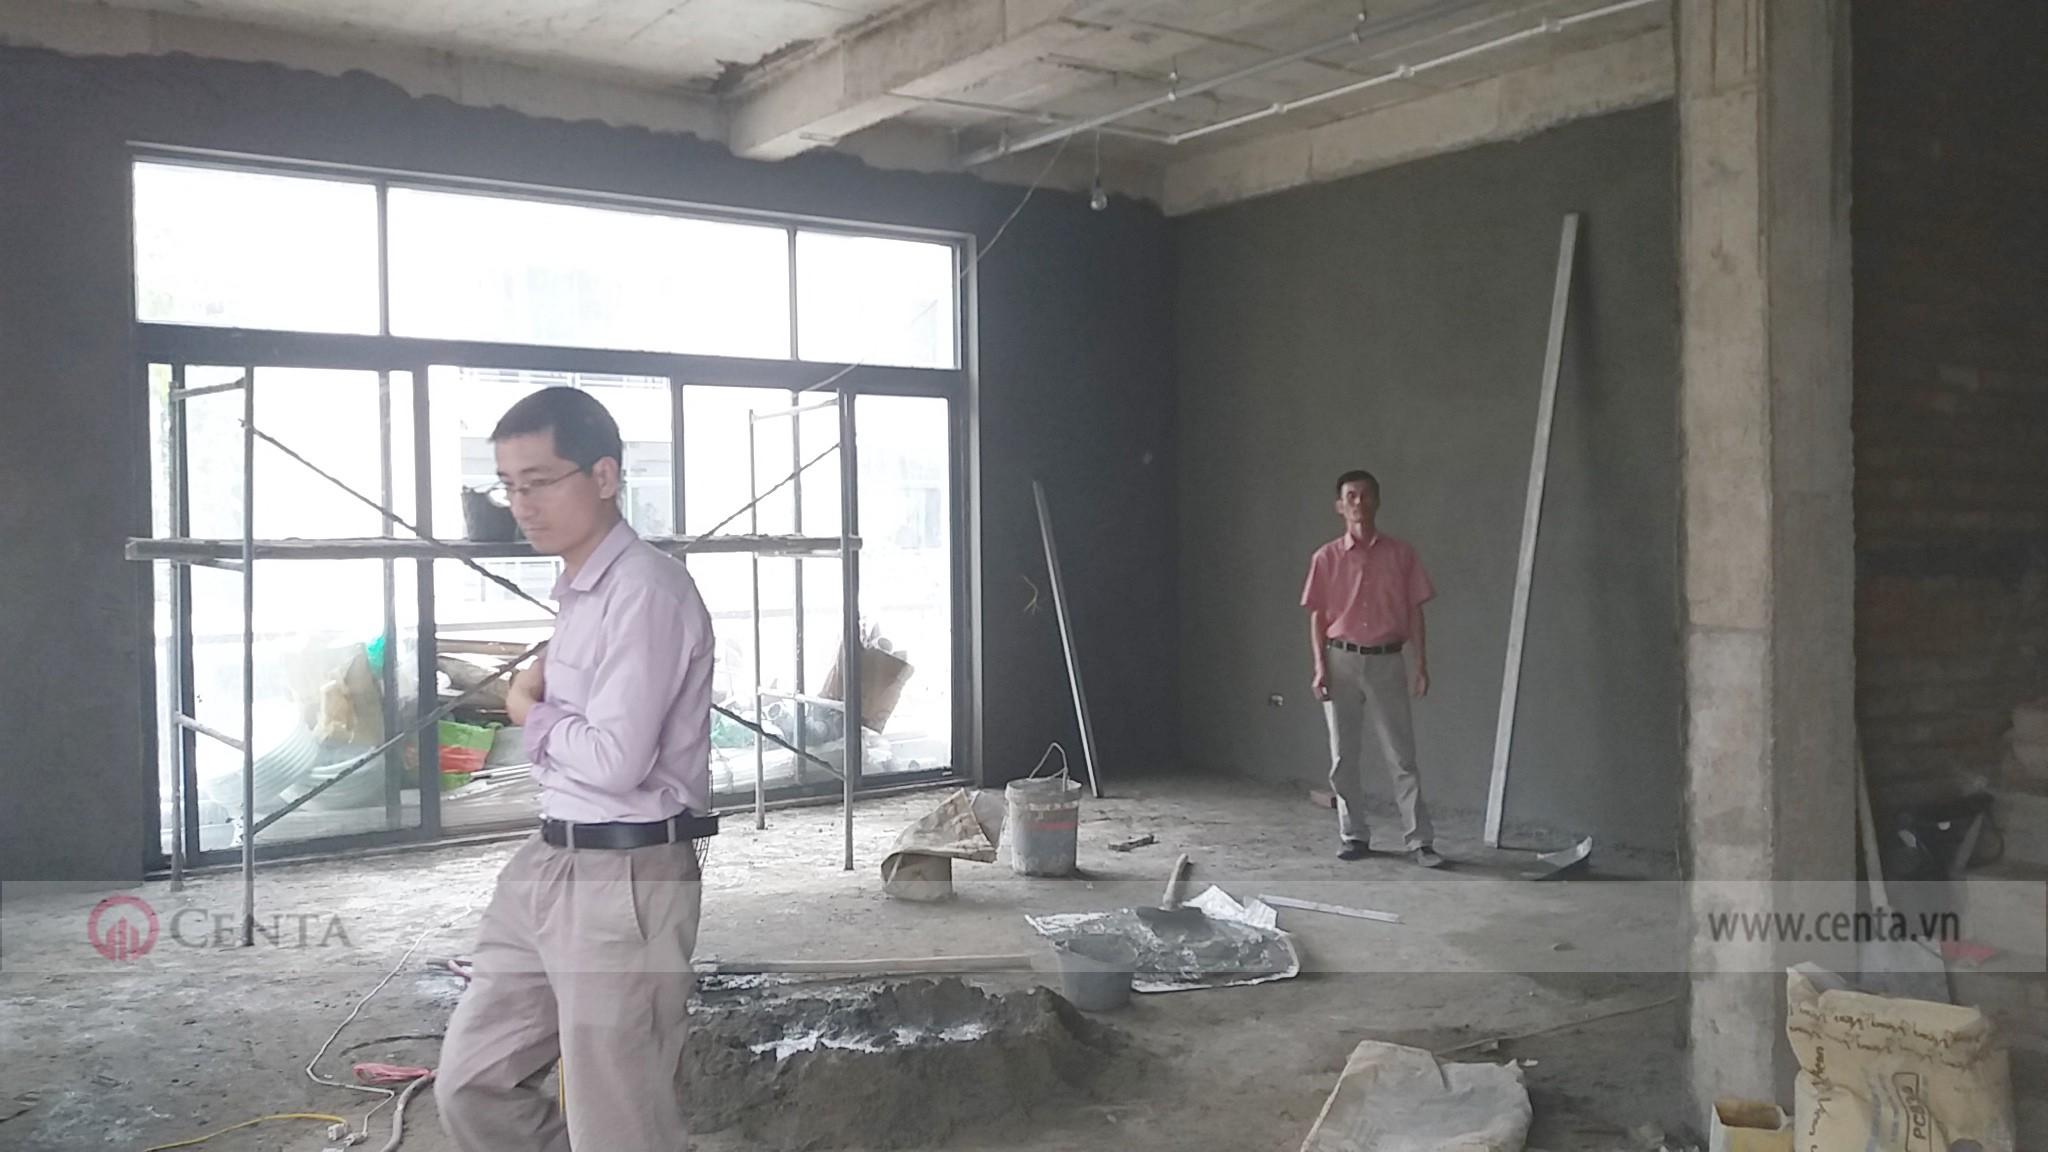 Giám sát thi công xây trát trong nhà biệt thự đẹp